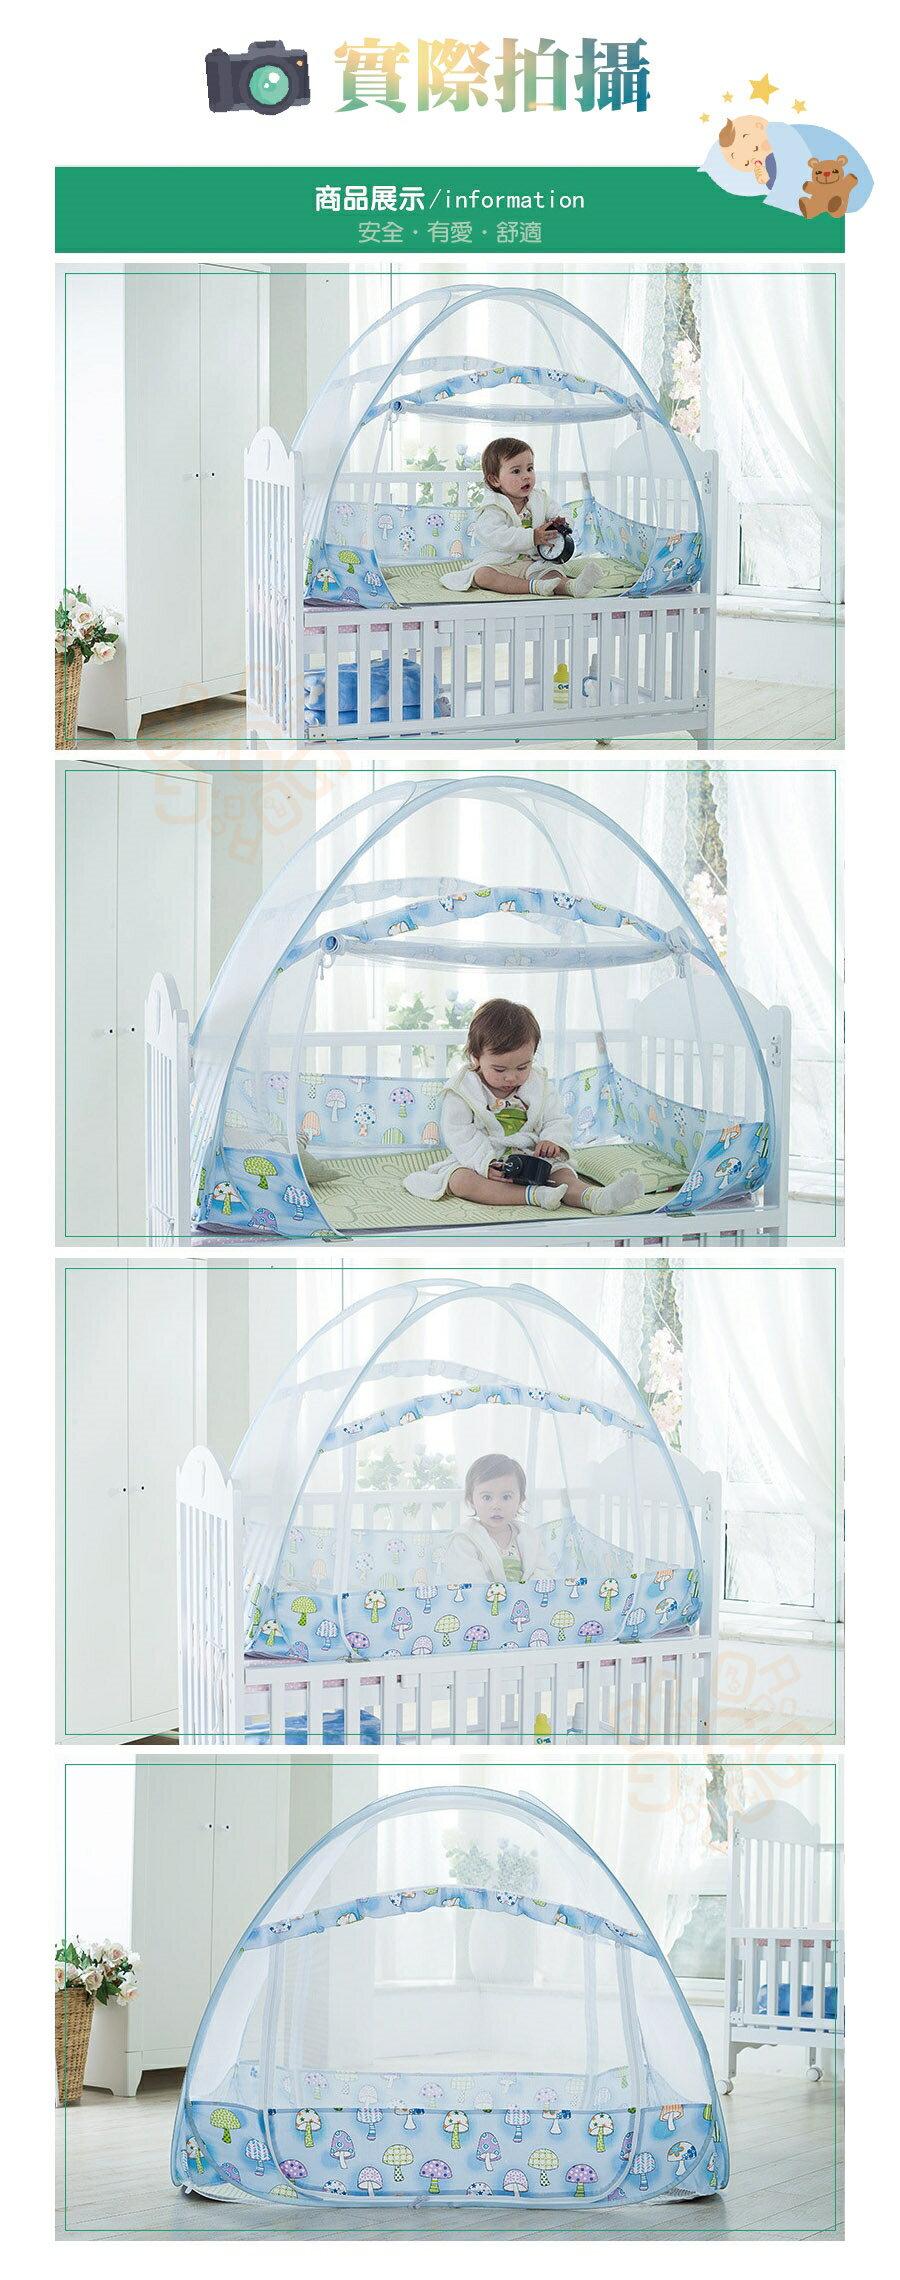 ORG《SD0974》單人款下標處!可摺疊~ 嬰兒床 蚊帳 防蚊帳 防蚊罩 透氣透光 秒收納 免安裝 防蚊用品 夏天防蚊 3